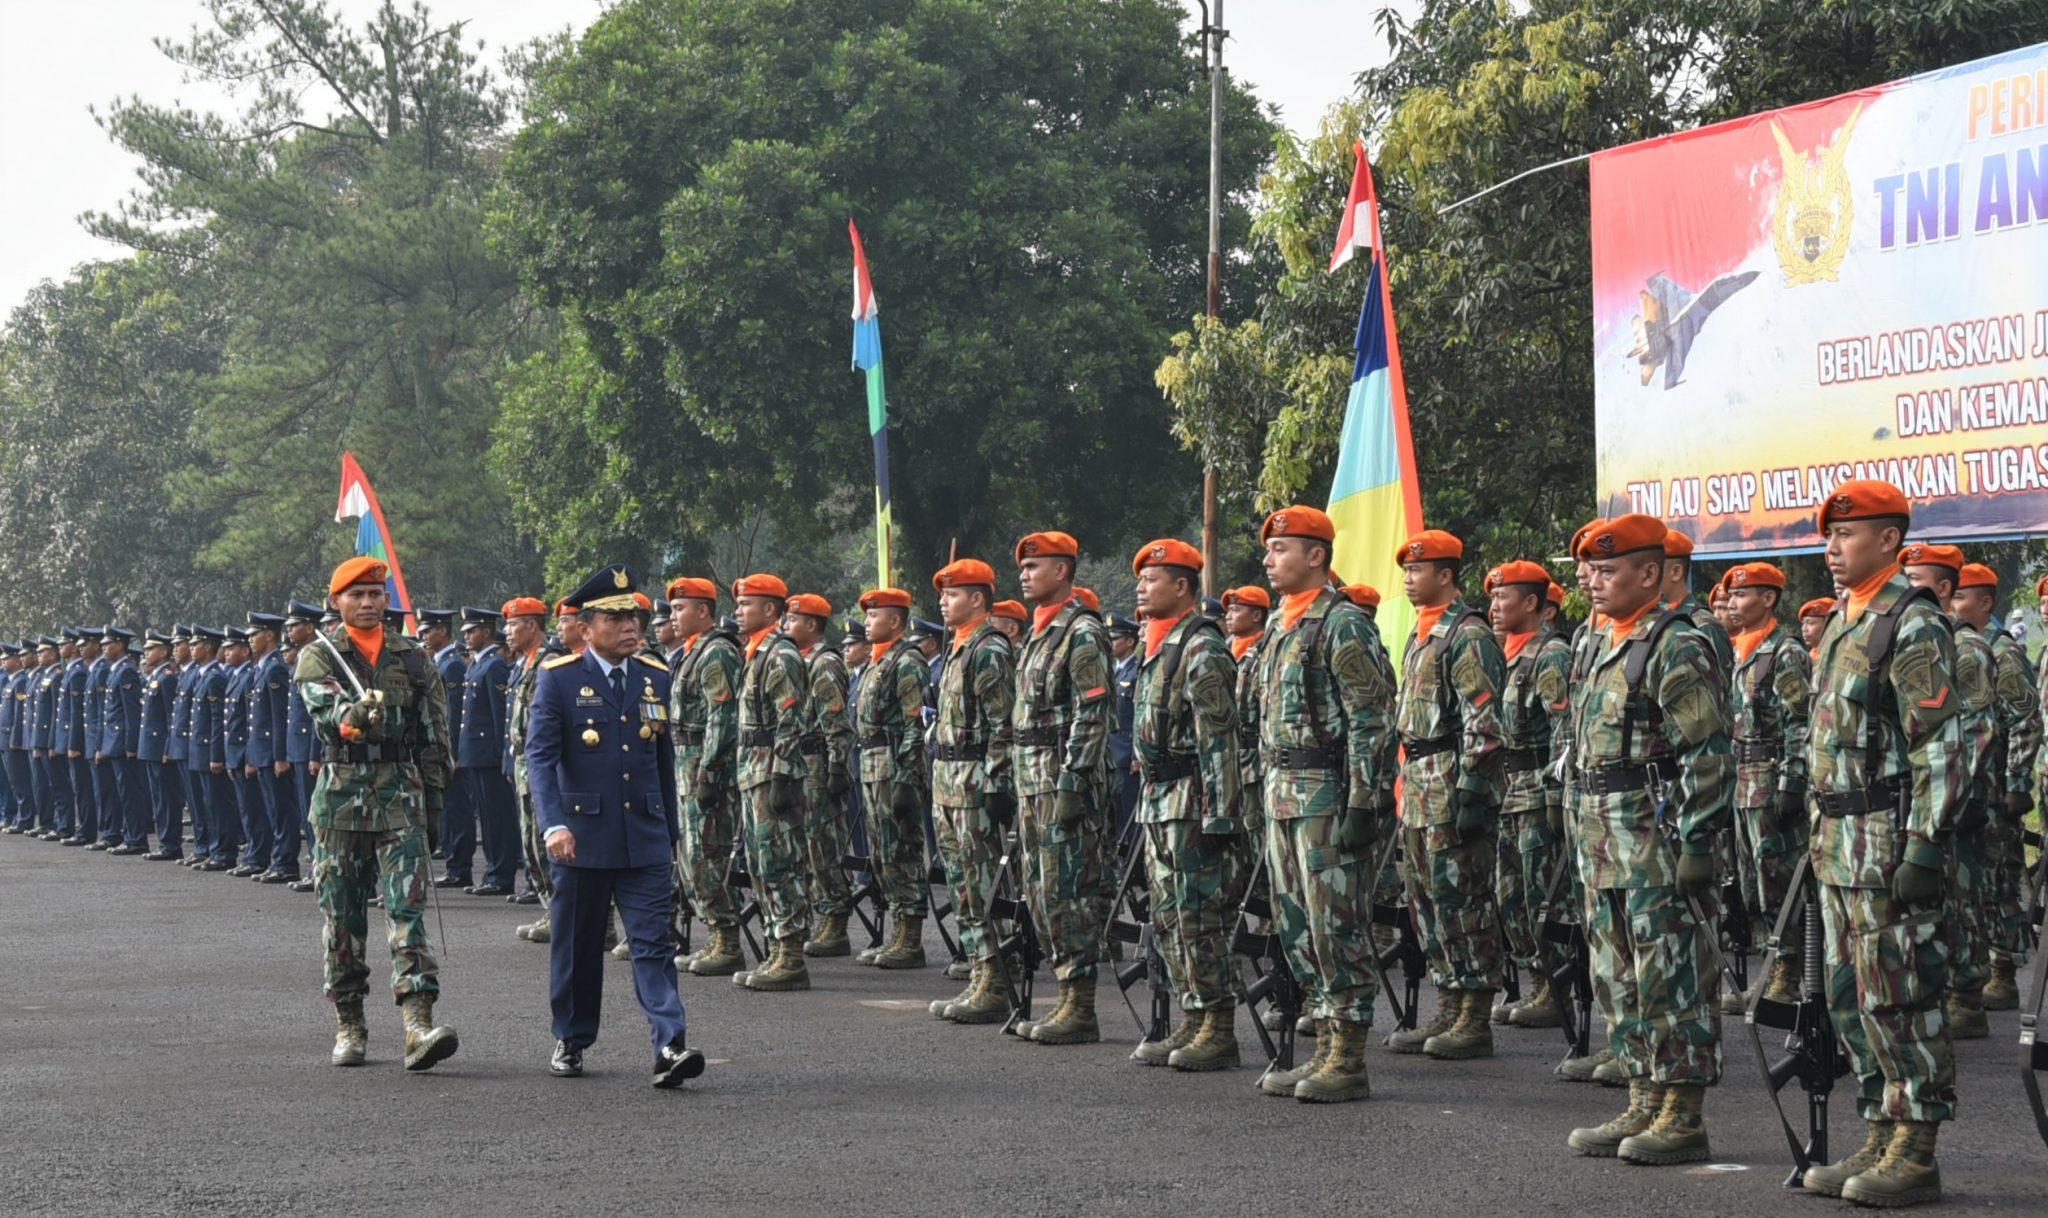 Bakorda Bandung peringati HUT ke-73 TNI Angkatan Udara